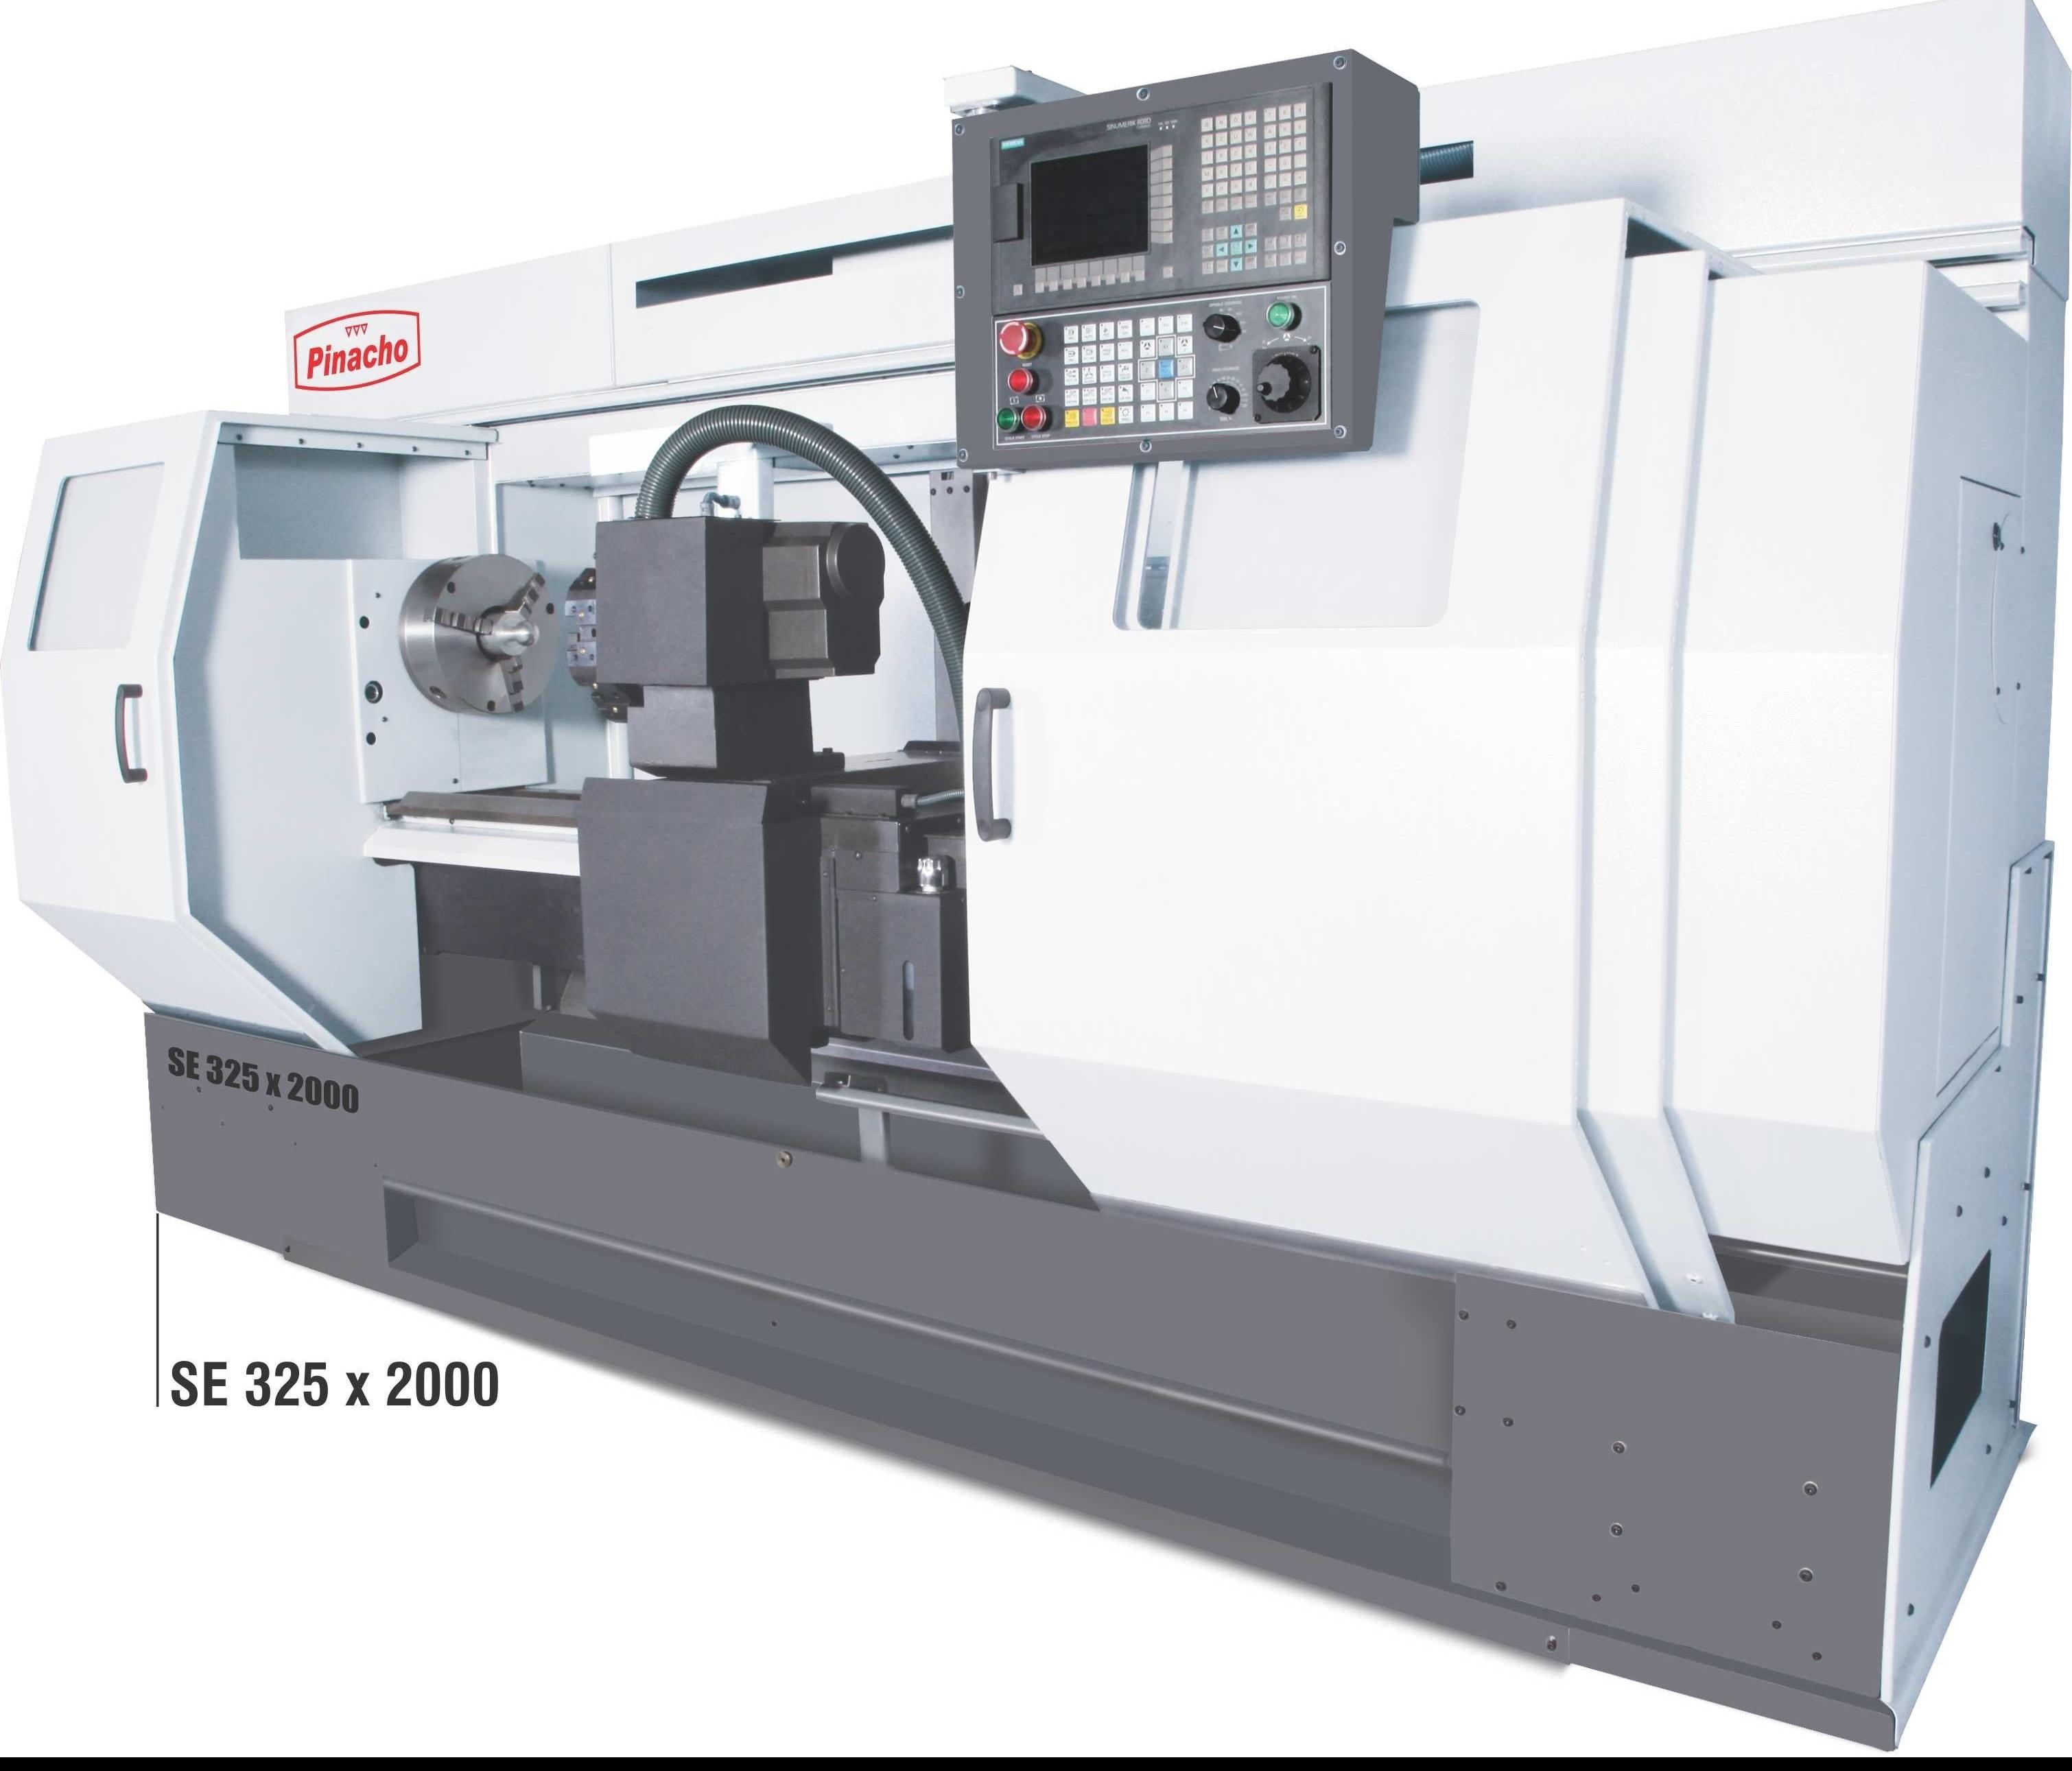 CNC Drehmaschine PINACHO SE 200x1000 Bilder auf Industry-Pilot